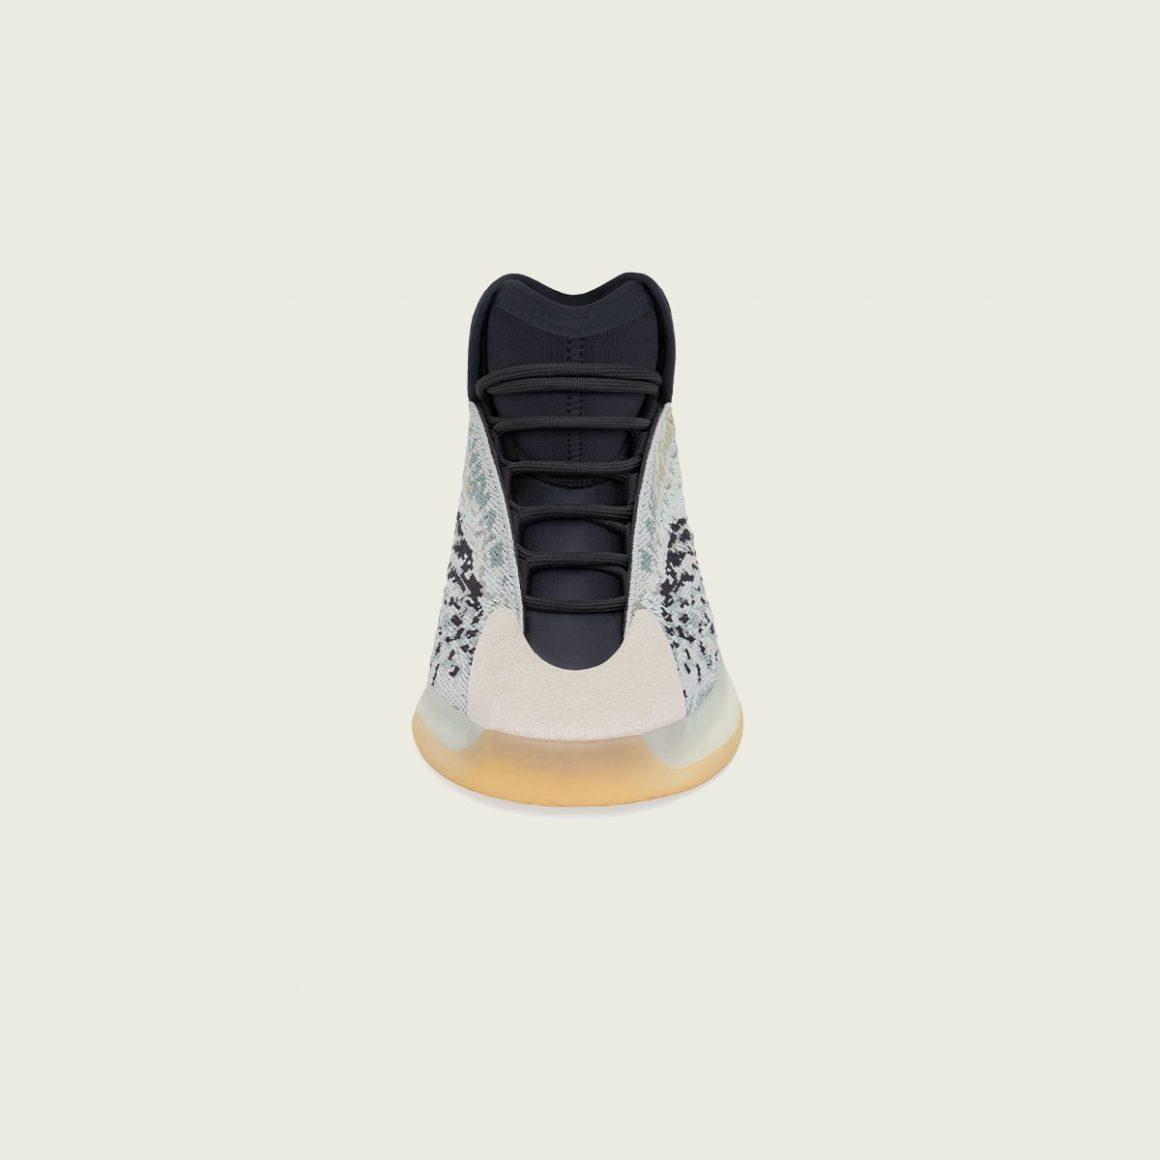 adidas Yeezy QNTM ''Sea Teal'' - GY7926